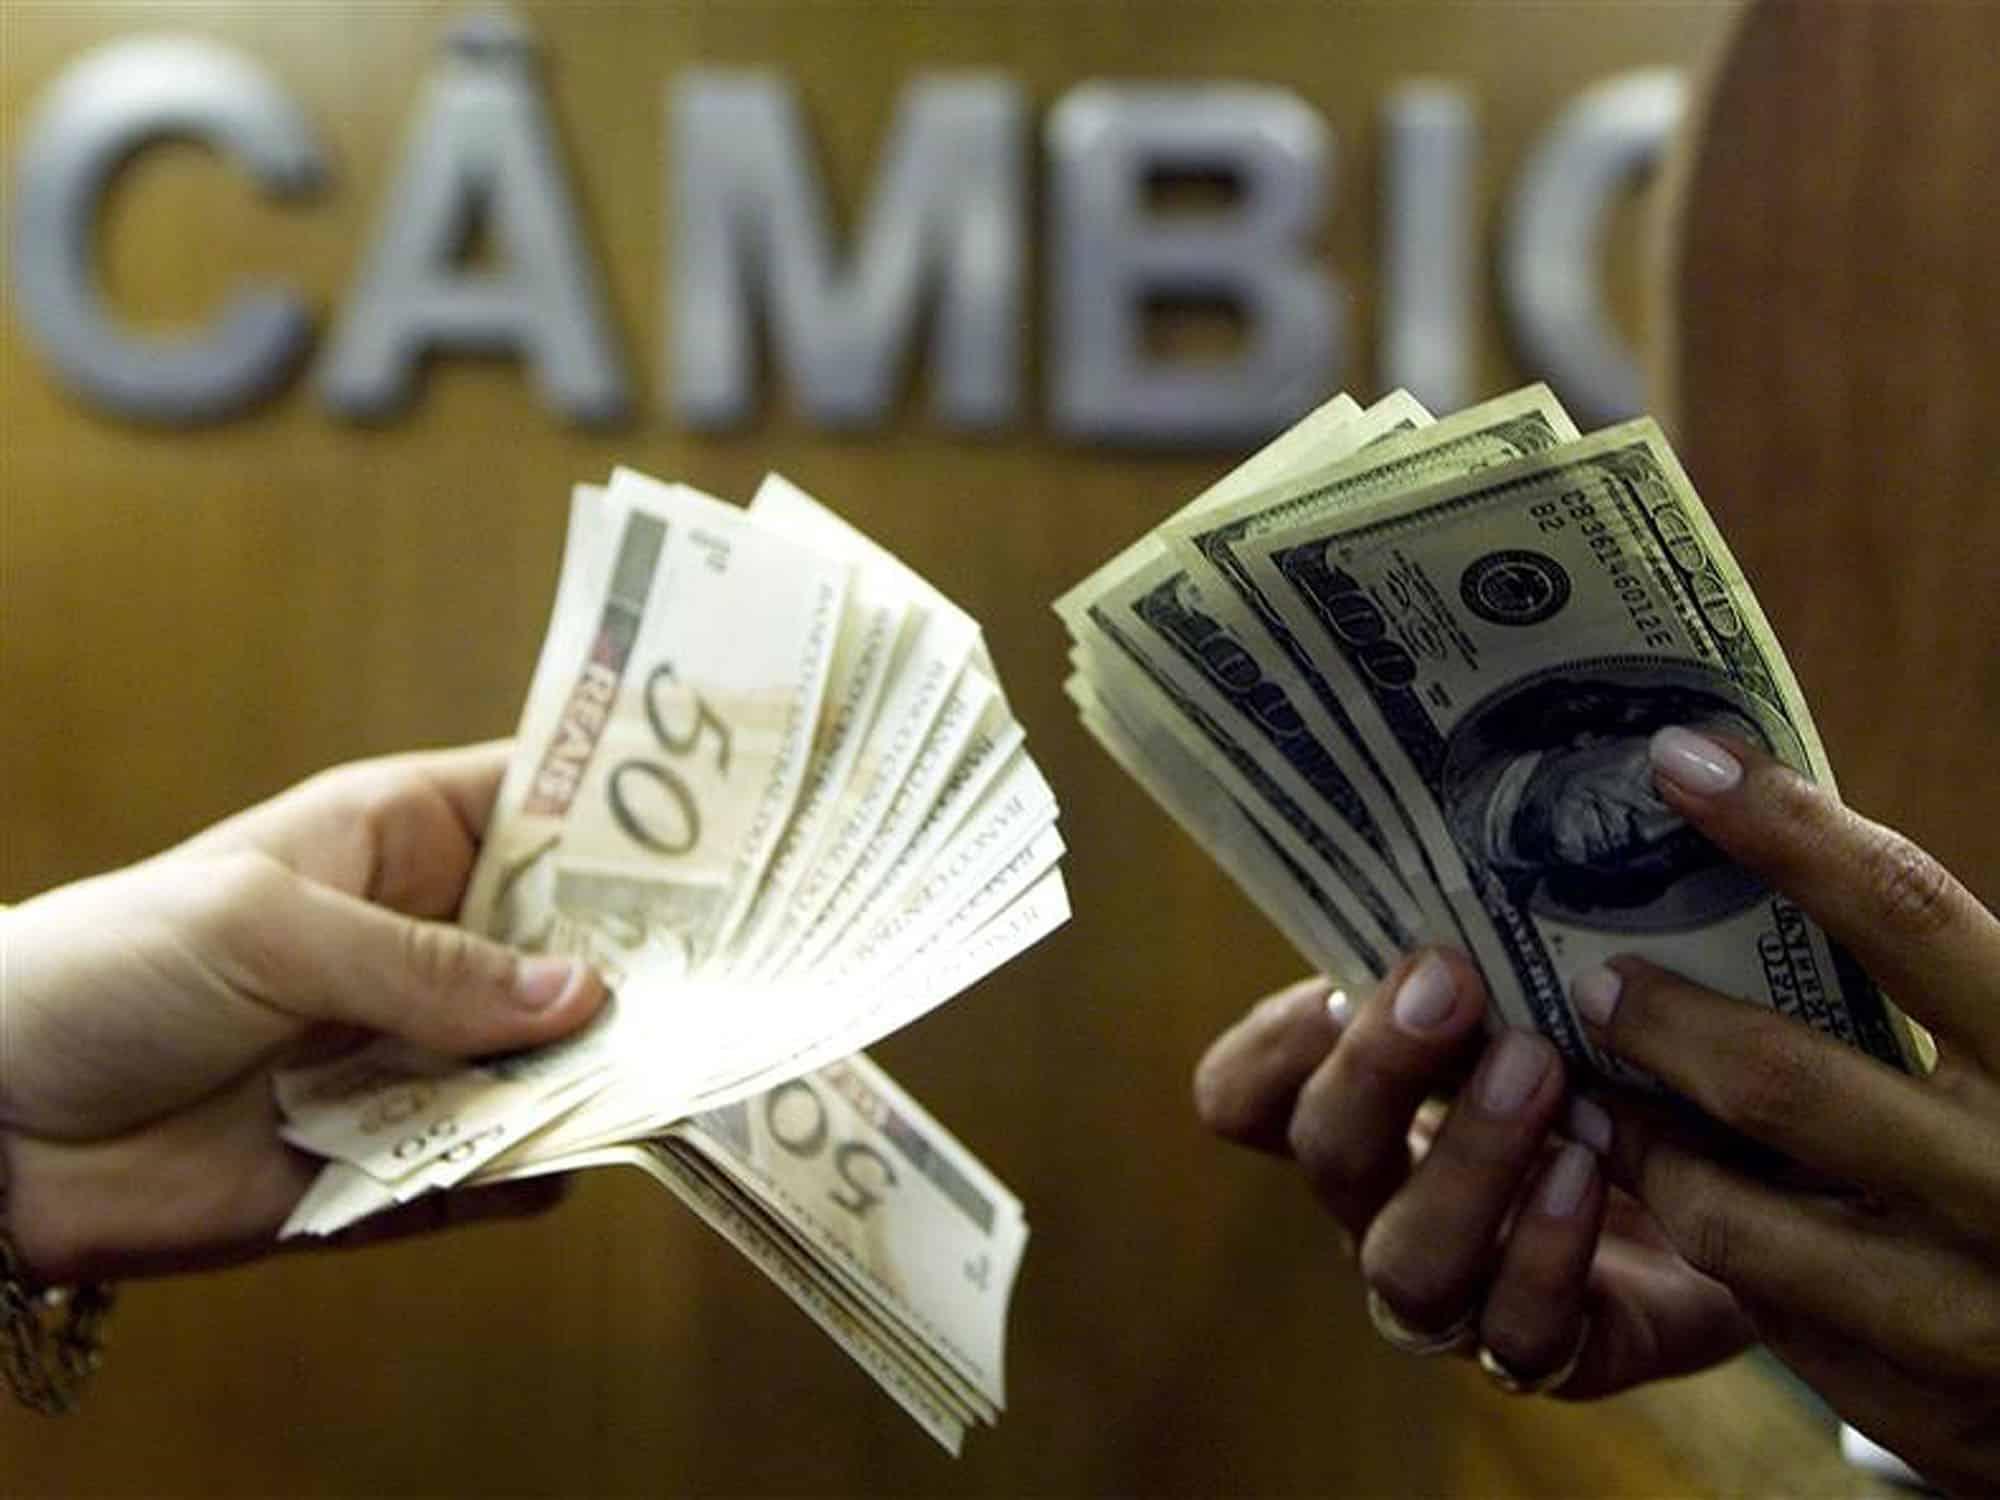 Dólar hoje: Veja quanto a moeda americana alcançou nesta segunda-feira (23)! (Imagem: Reprodução - Google)